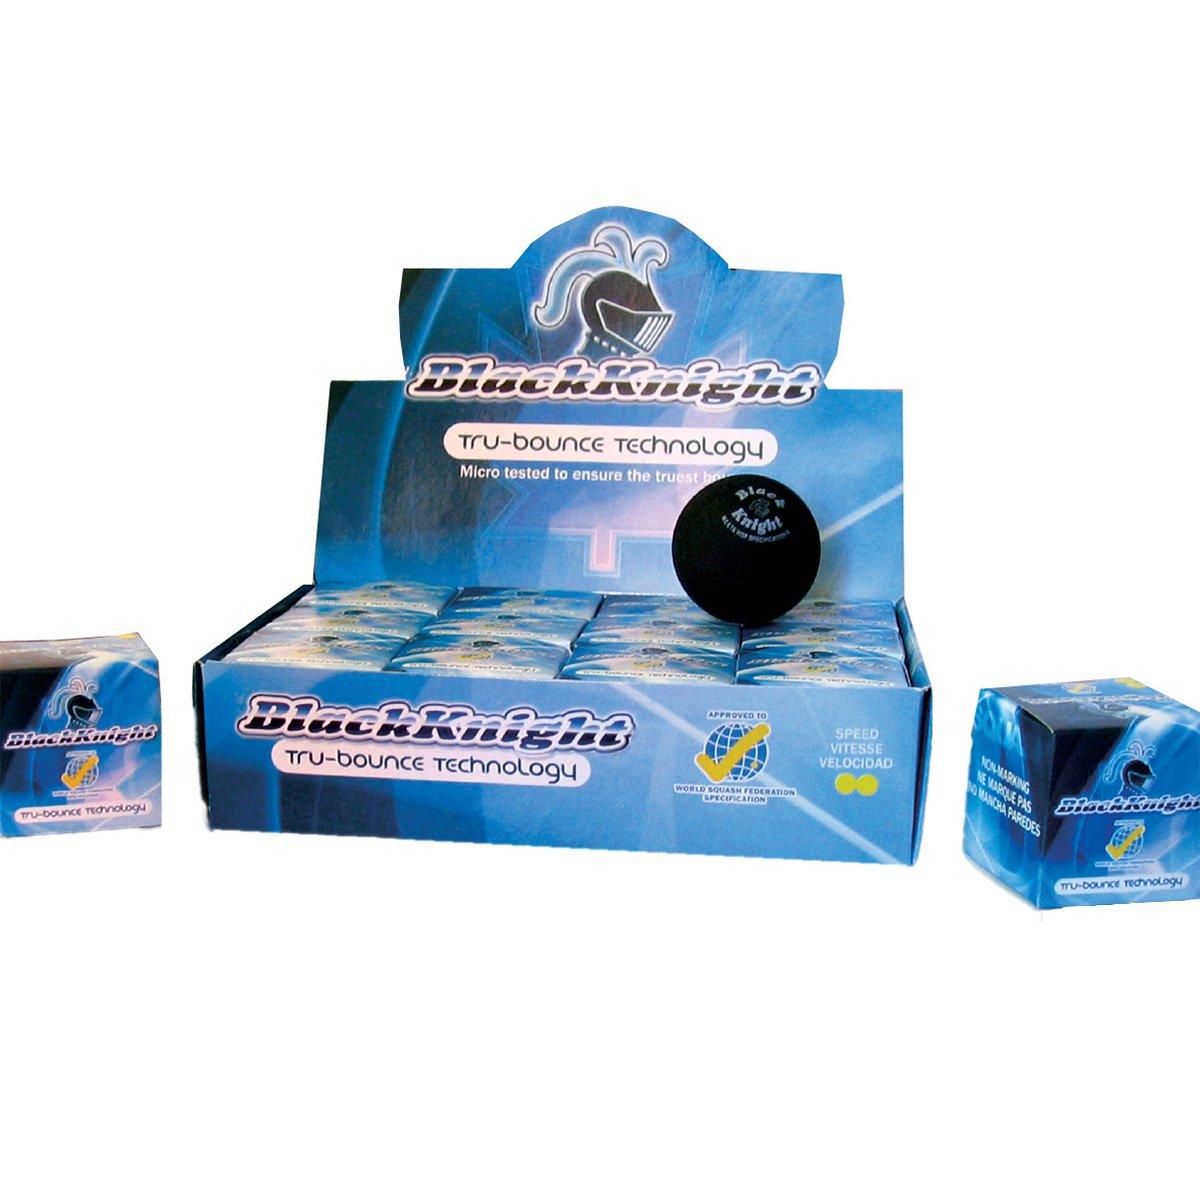 人気アイテム Black Knight Tru-Bounce Double Yellow Tru-Bounce Double Dot Squash Ball Dot [Misc.] B000RZE3DS, ブランド古着の買取販売 渋谷FILT:c74fd294 --- b2b.casemyway.com